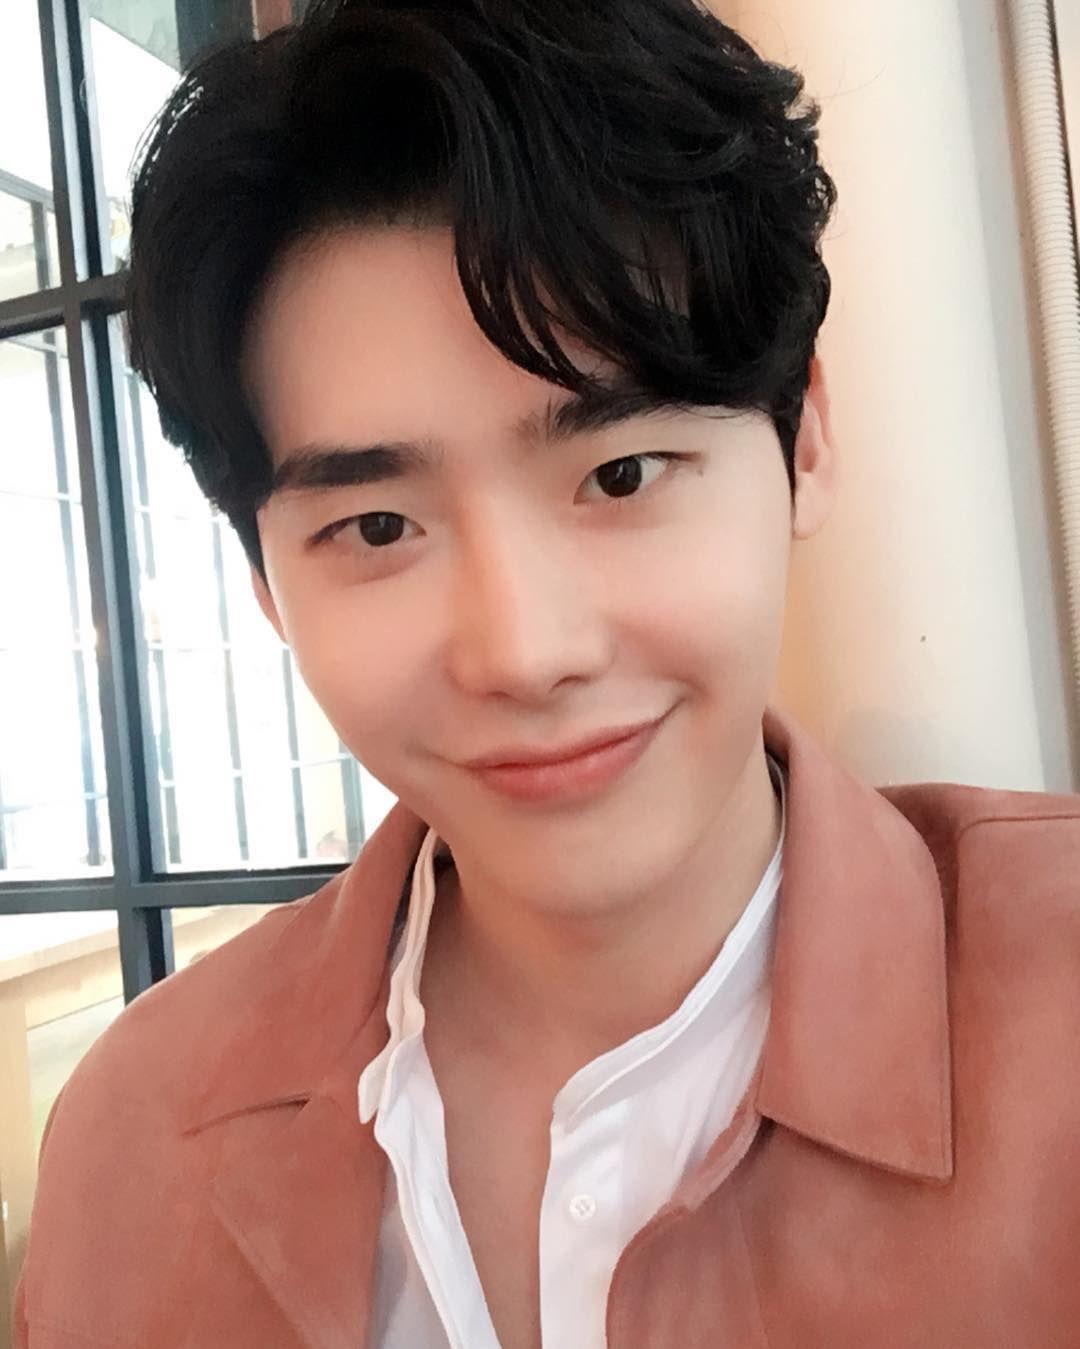 Pin by Stephanie Chan on Best Friends | Lee jong suk, Lee jong, Lee